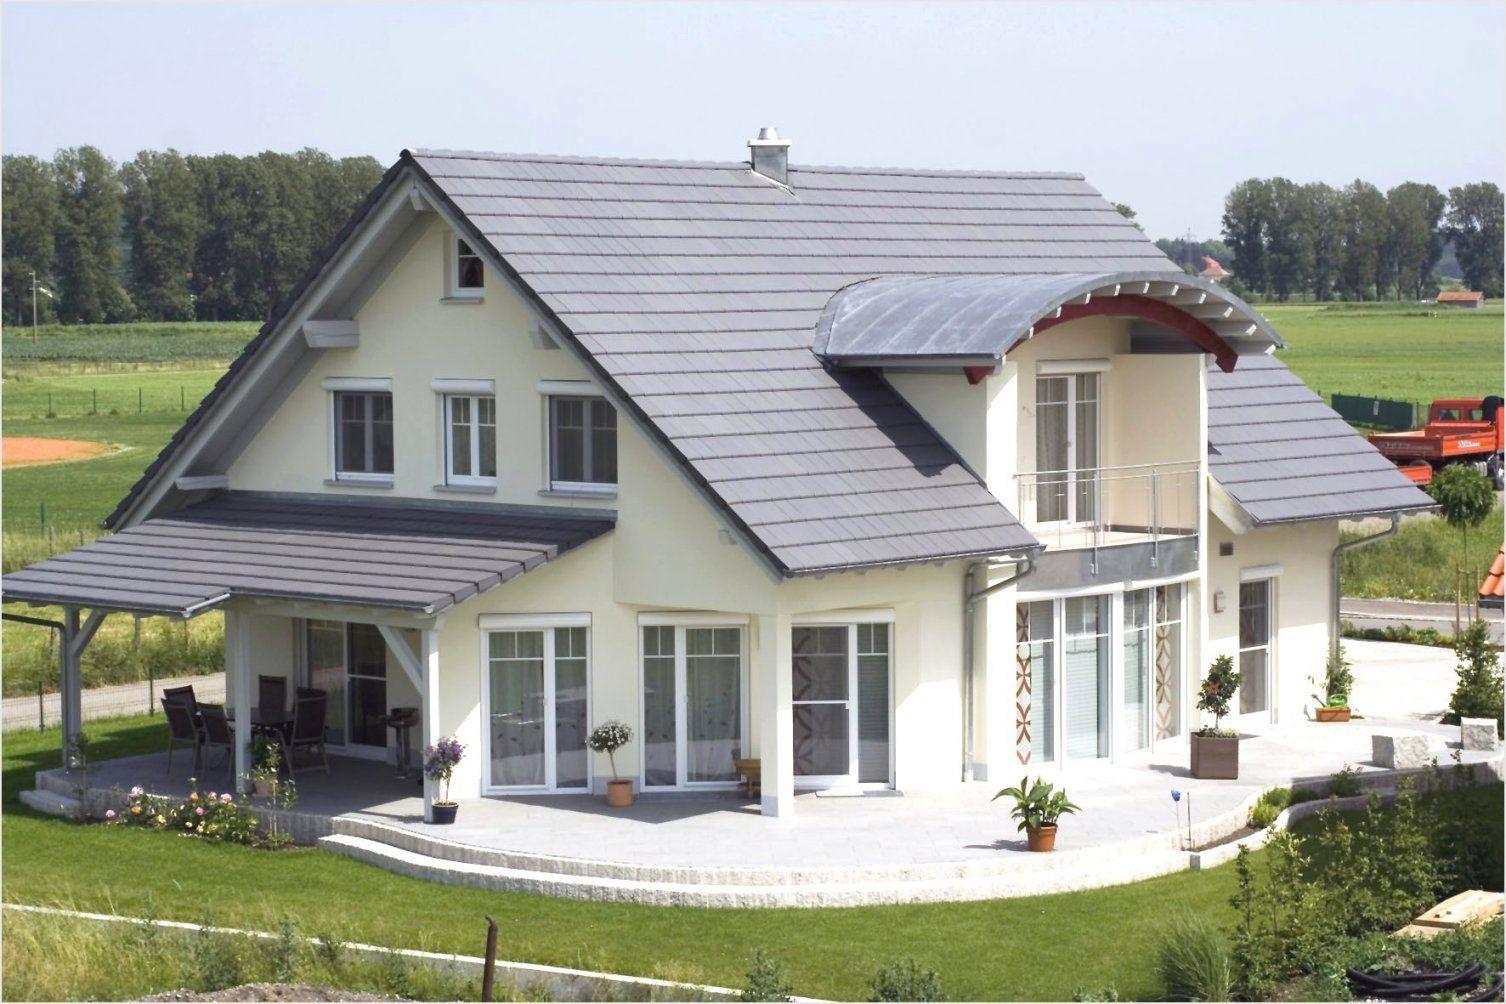 Fabelhafte Bild Von Haus Komplett Selber Bauen Haus Bauen Ideen Avec von Haus Komplett Selber Bauen Bild